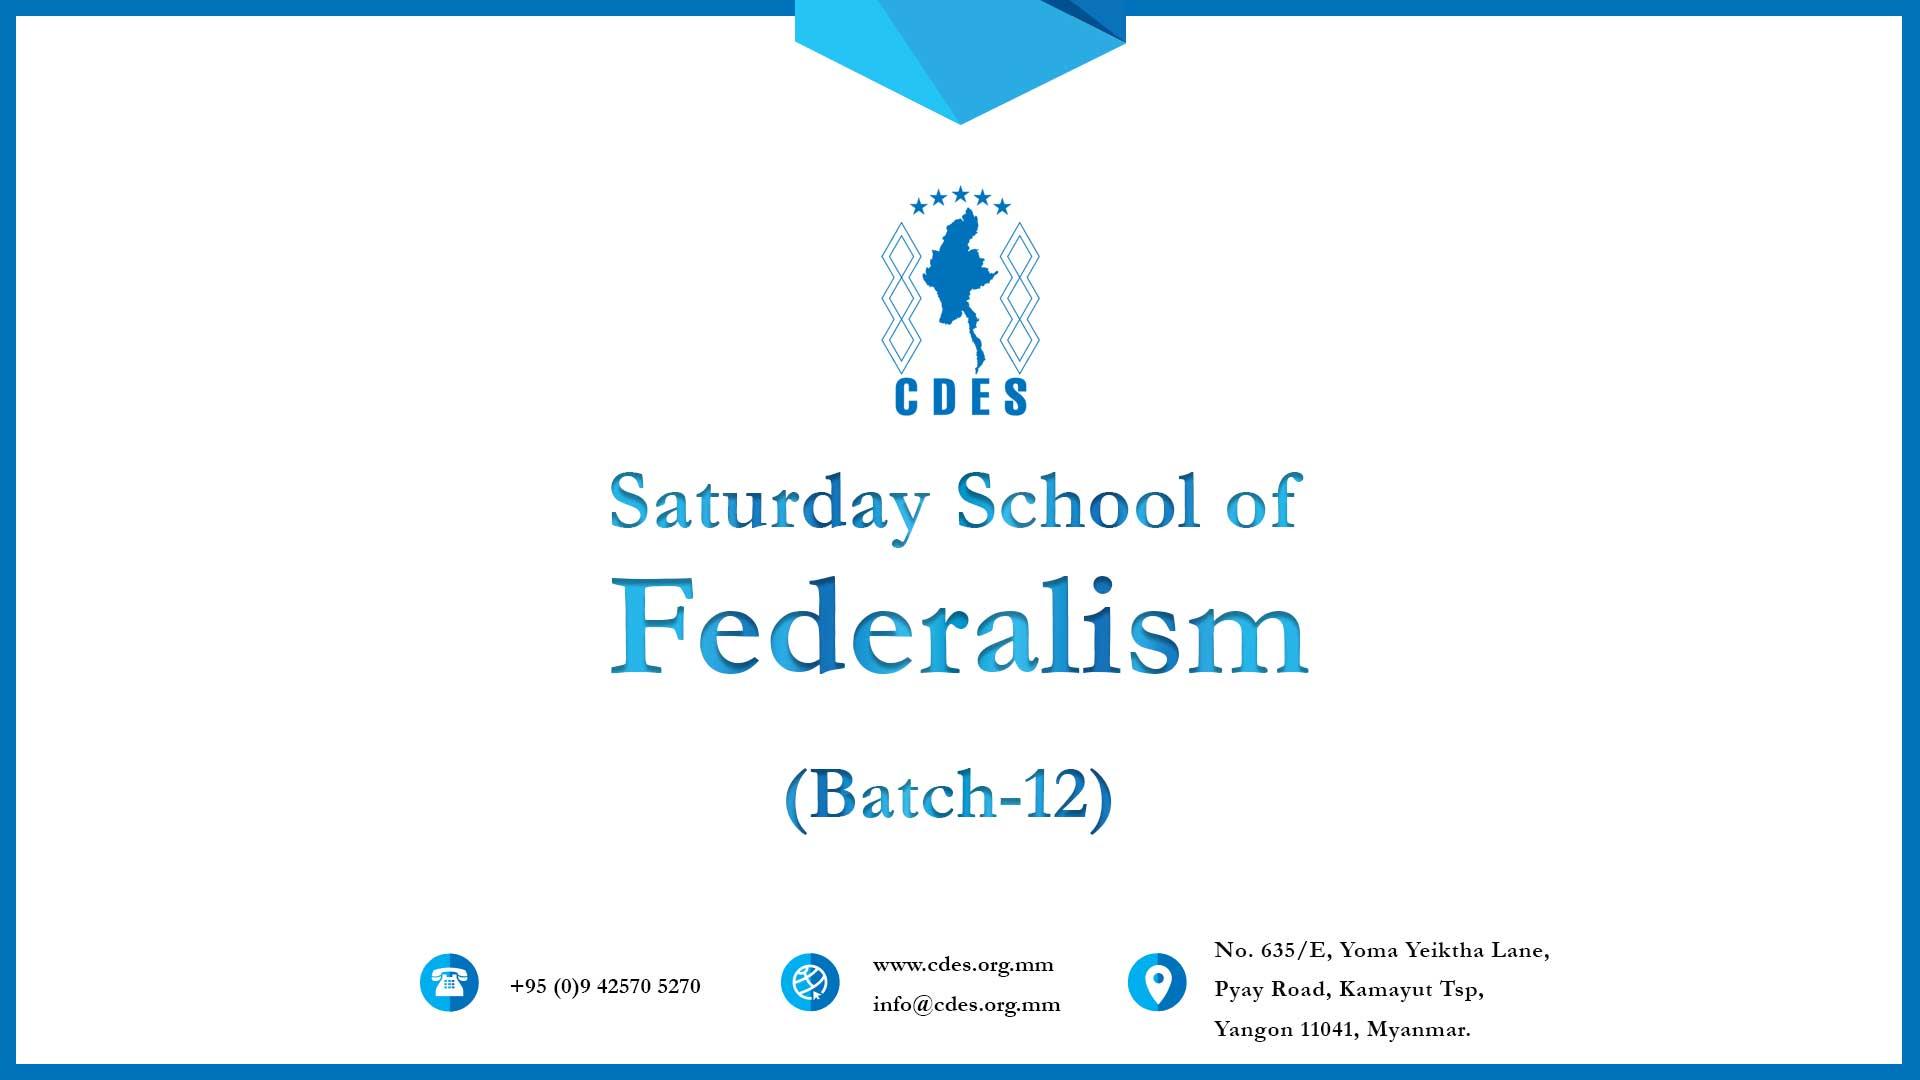 Saturday School of Federalism (Batch-12)